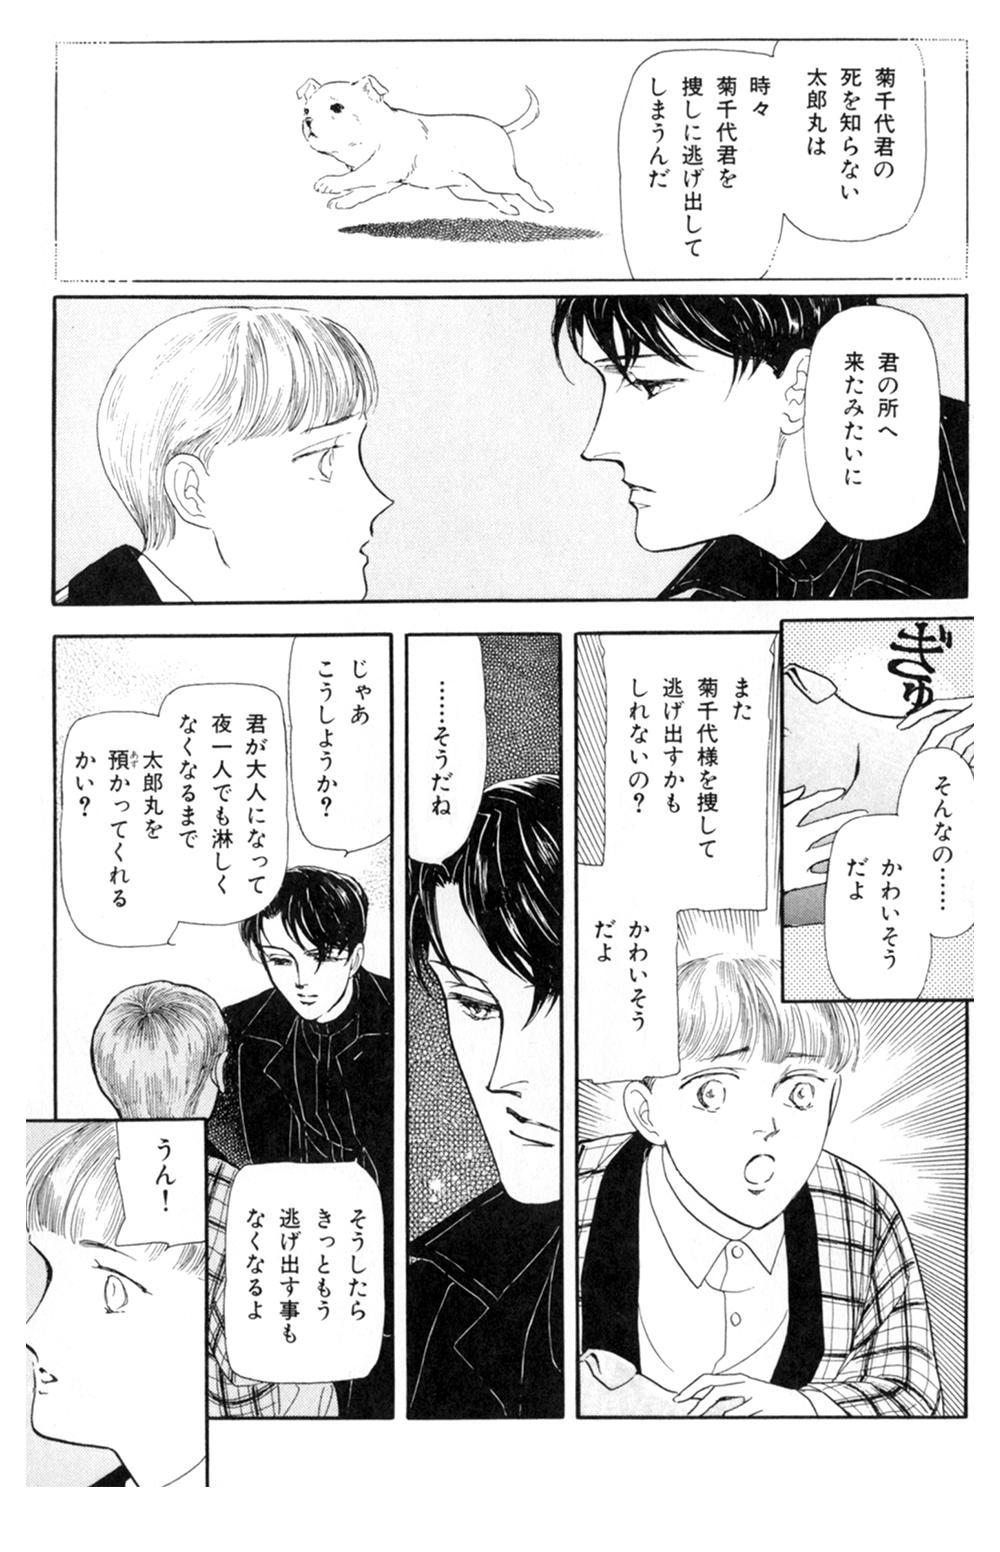 雨柳堂夢咄 第5話「太郎丸」①uryudo-03-159.jpg